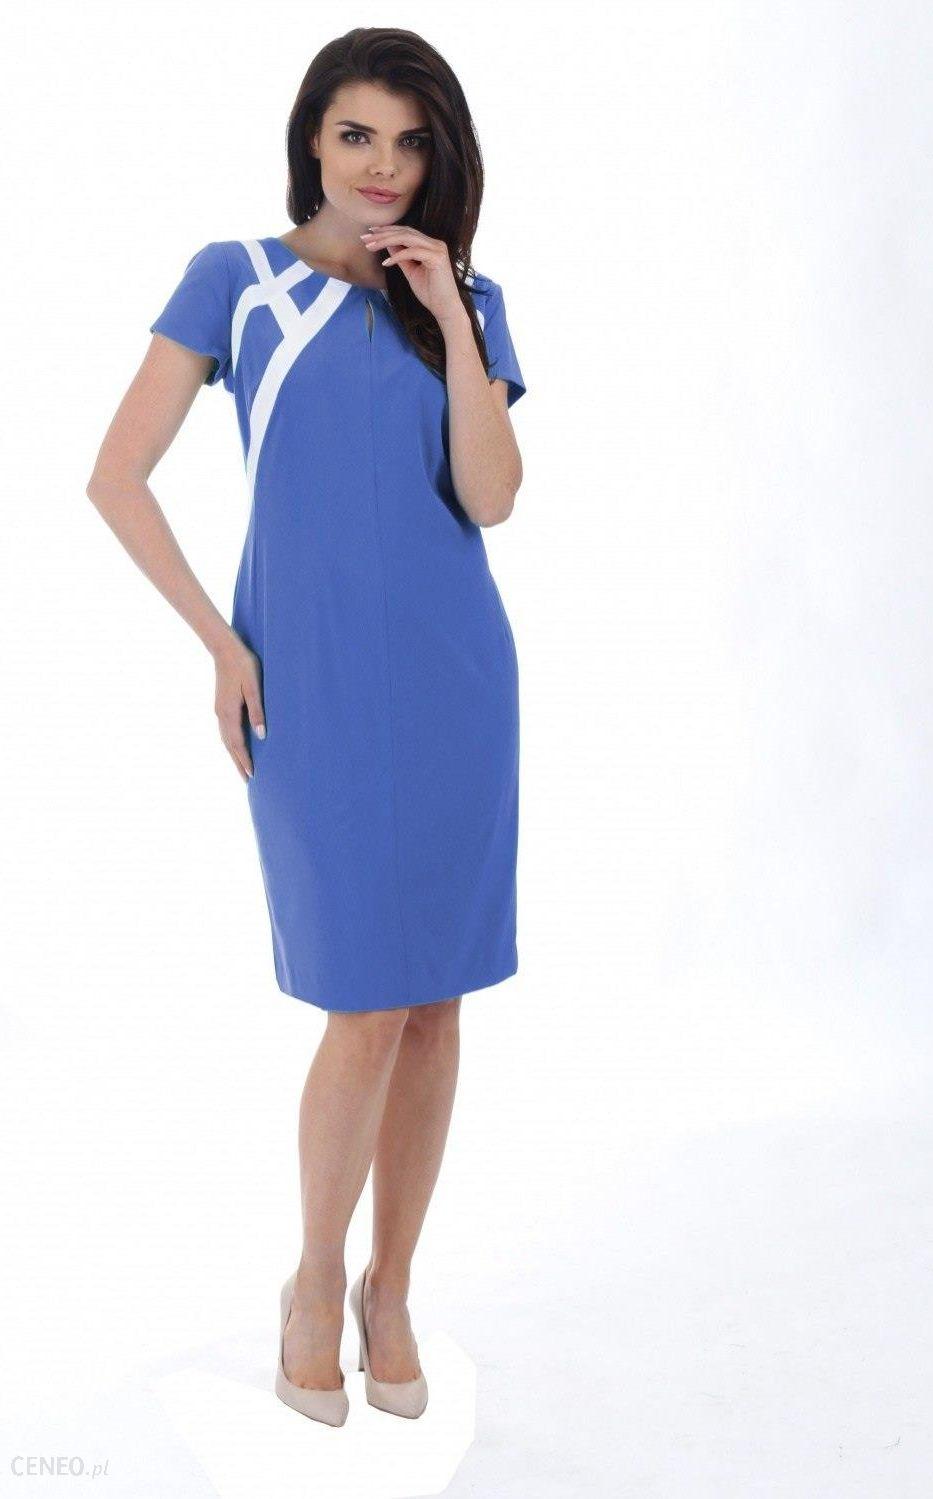 79152f5b6b Margo Collection Sukienka dzienna model M 226 blue - Ceny i opinie ...